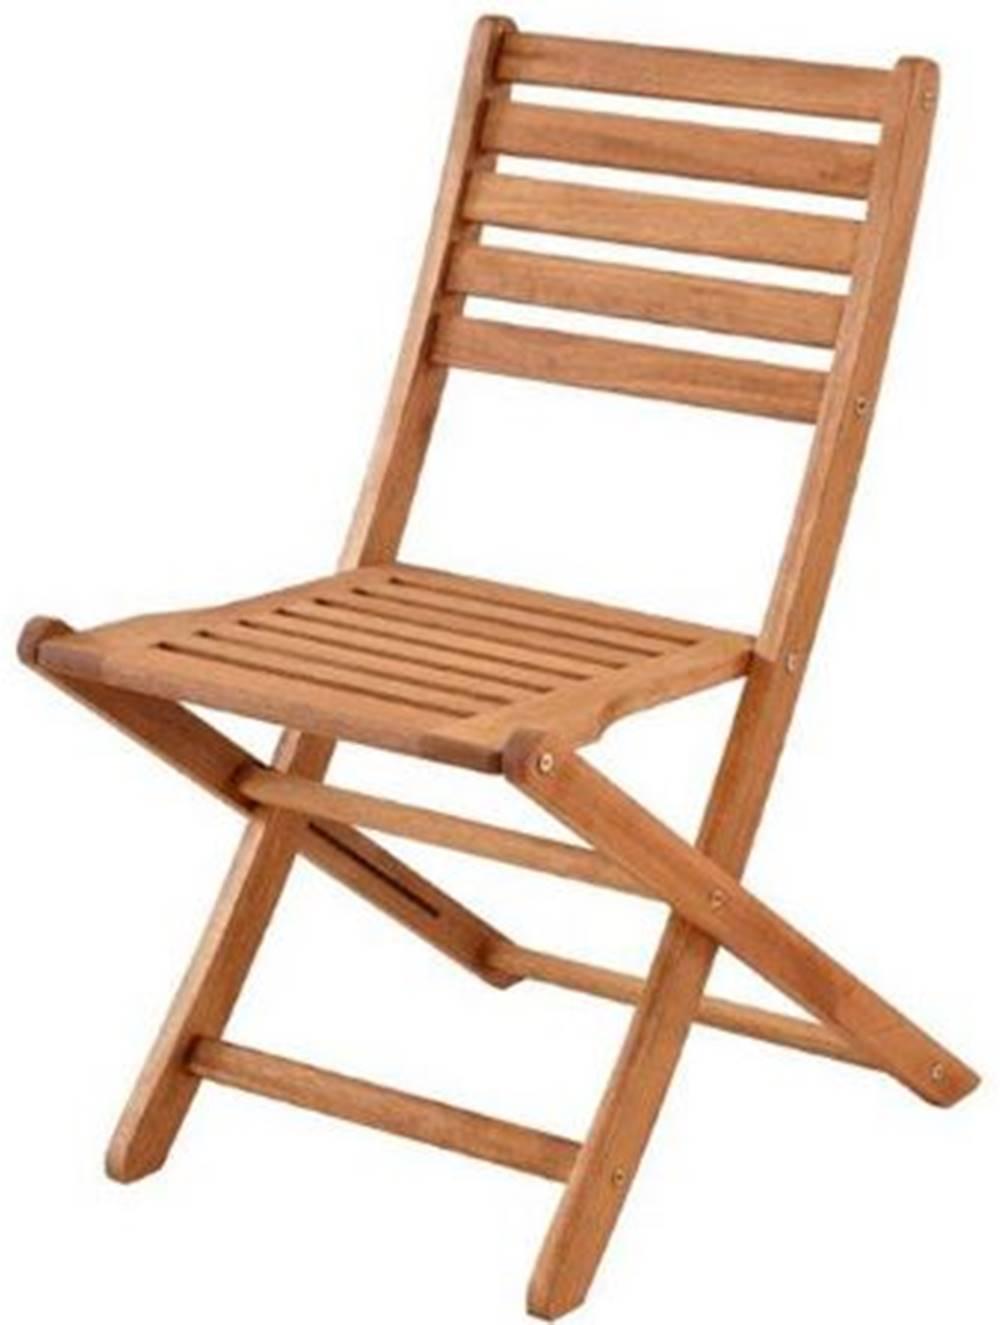 Cadeira Dobravel Orbit sem Braco Stain Jatoba - 40751